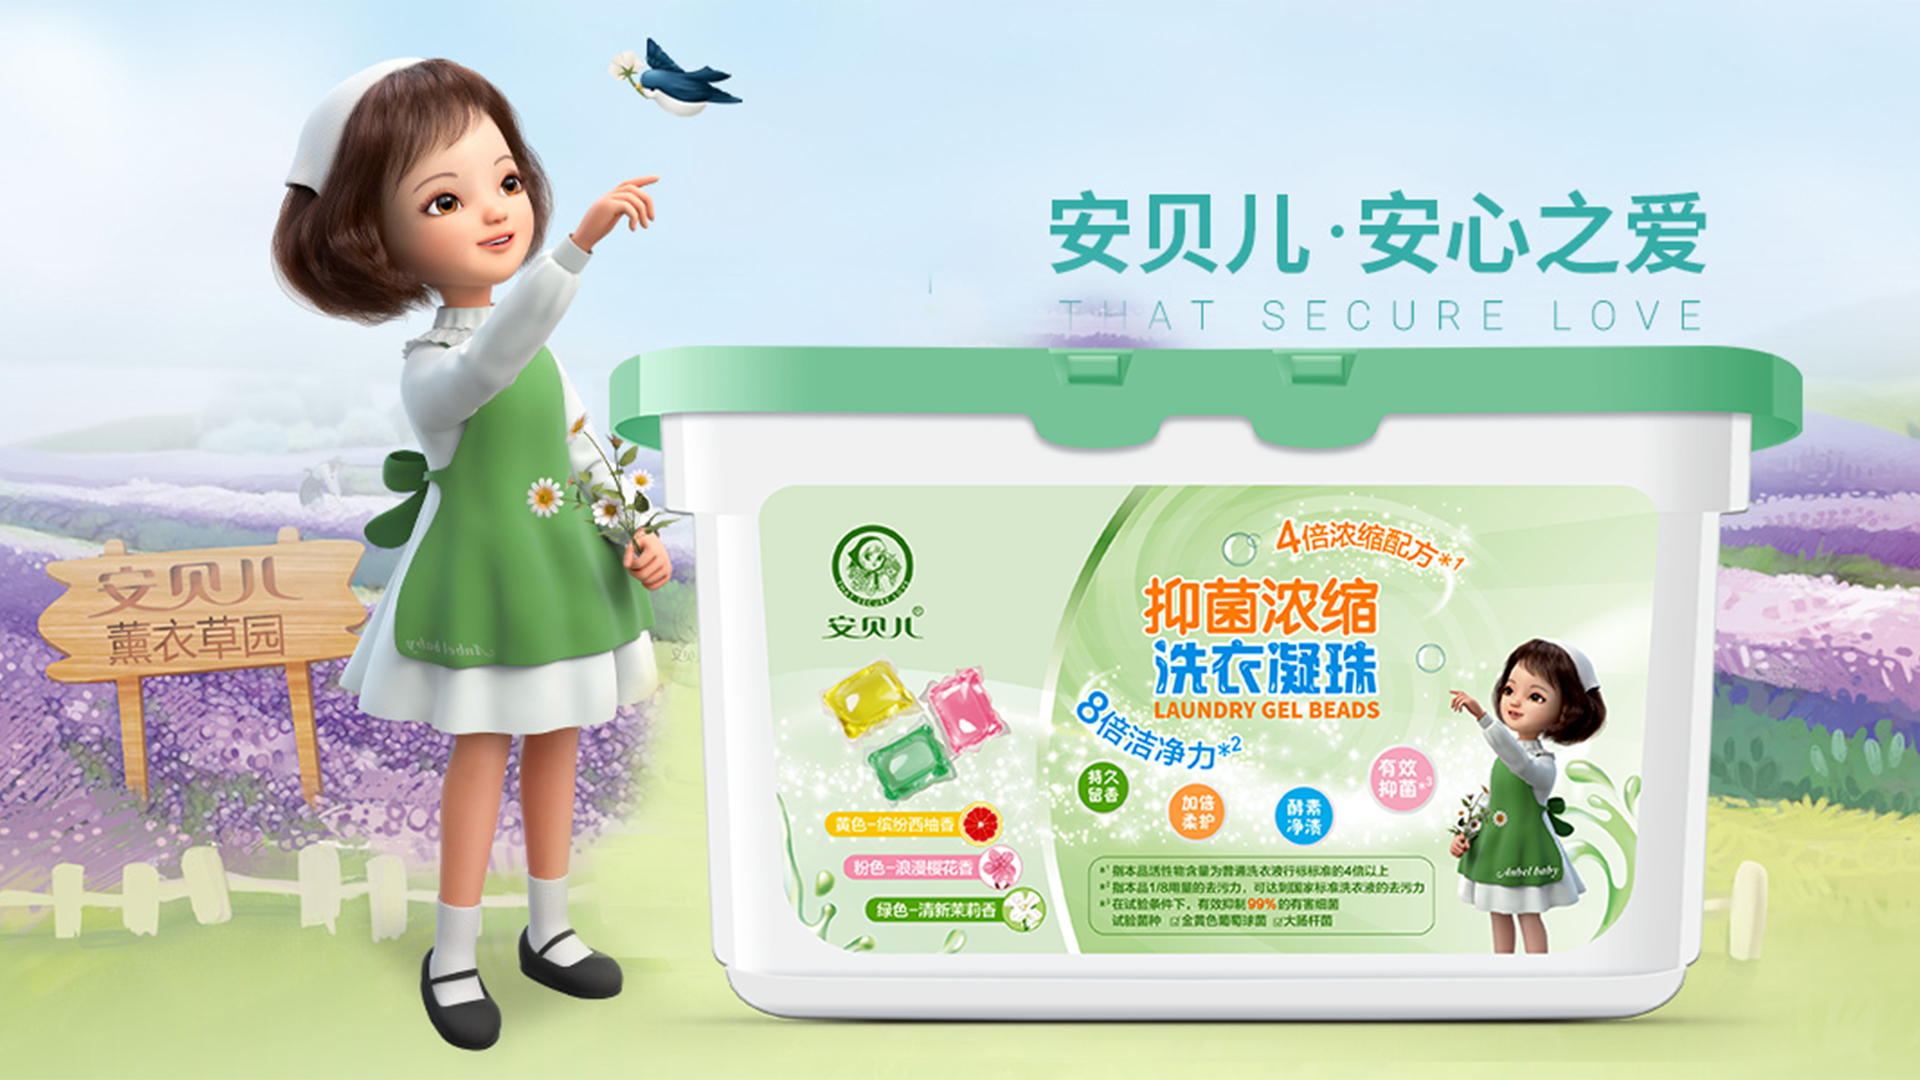 中婴网·好物推荐 | 中婴网2021母婴新产品品鉴招商春季启动会——安贝儿